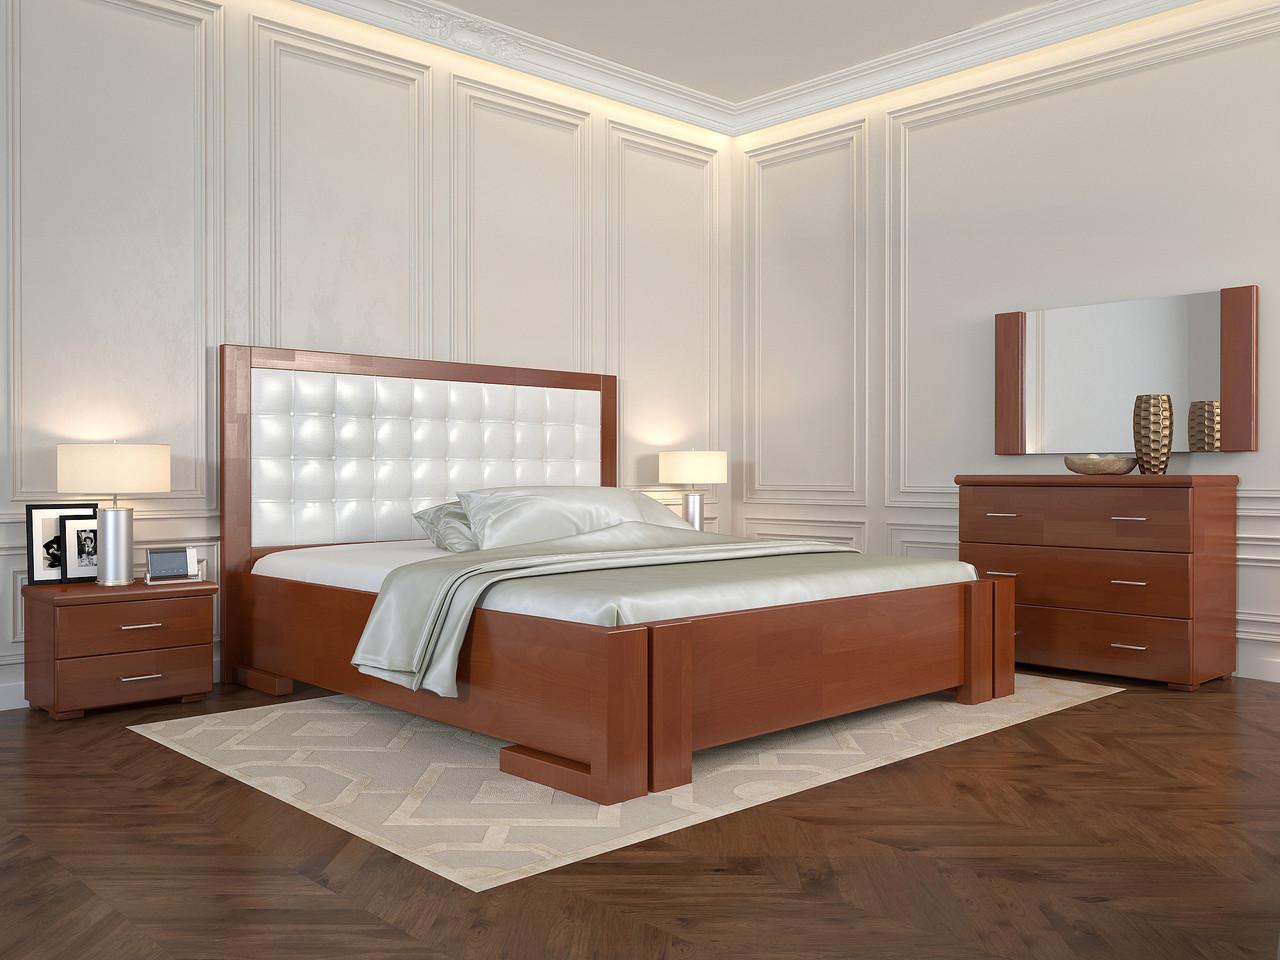 Кровать с механизмом Arbordrev Амбер квадраты (Сосна)